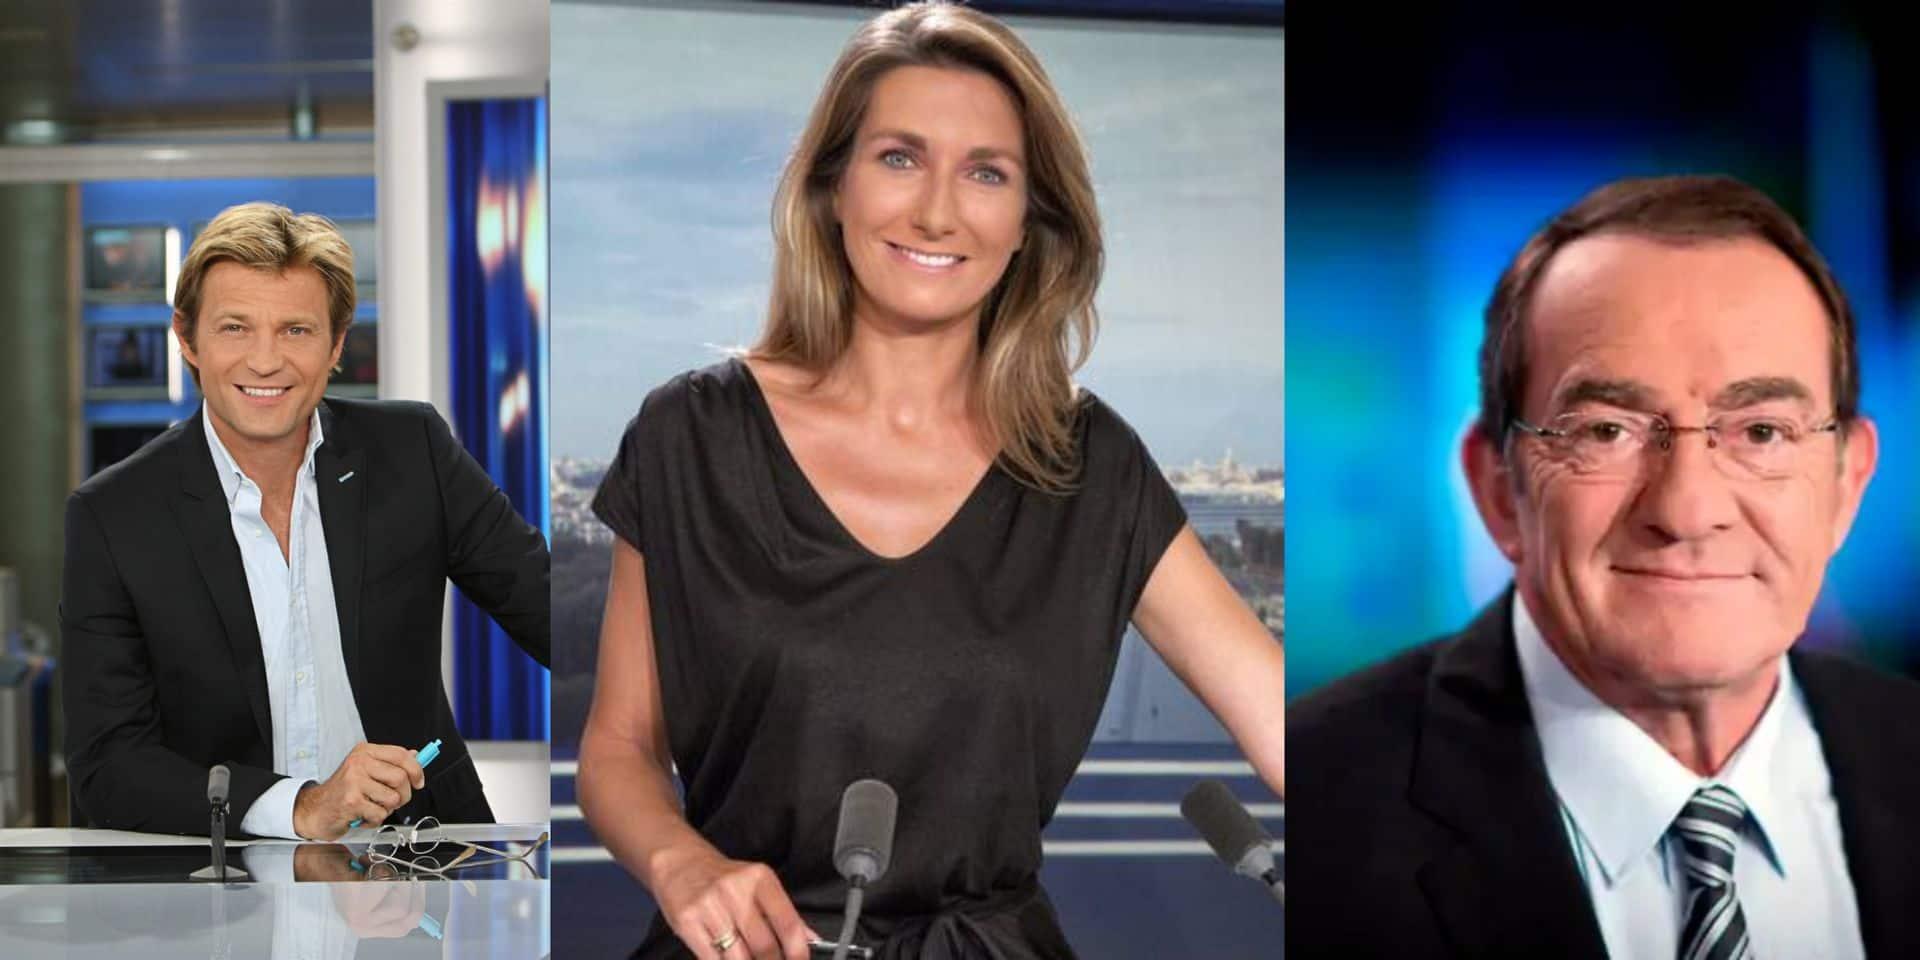 Delahousse, Pernaut, Anne-Claire Coudray,... : le salaire mirobolant des stars de l'info